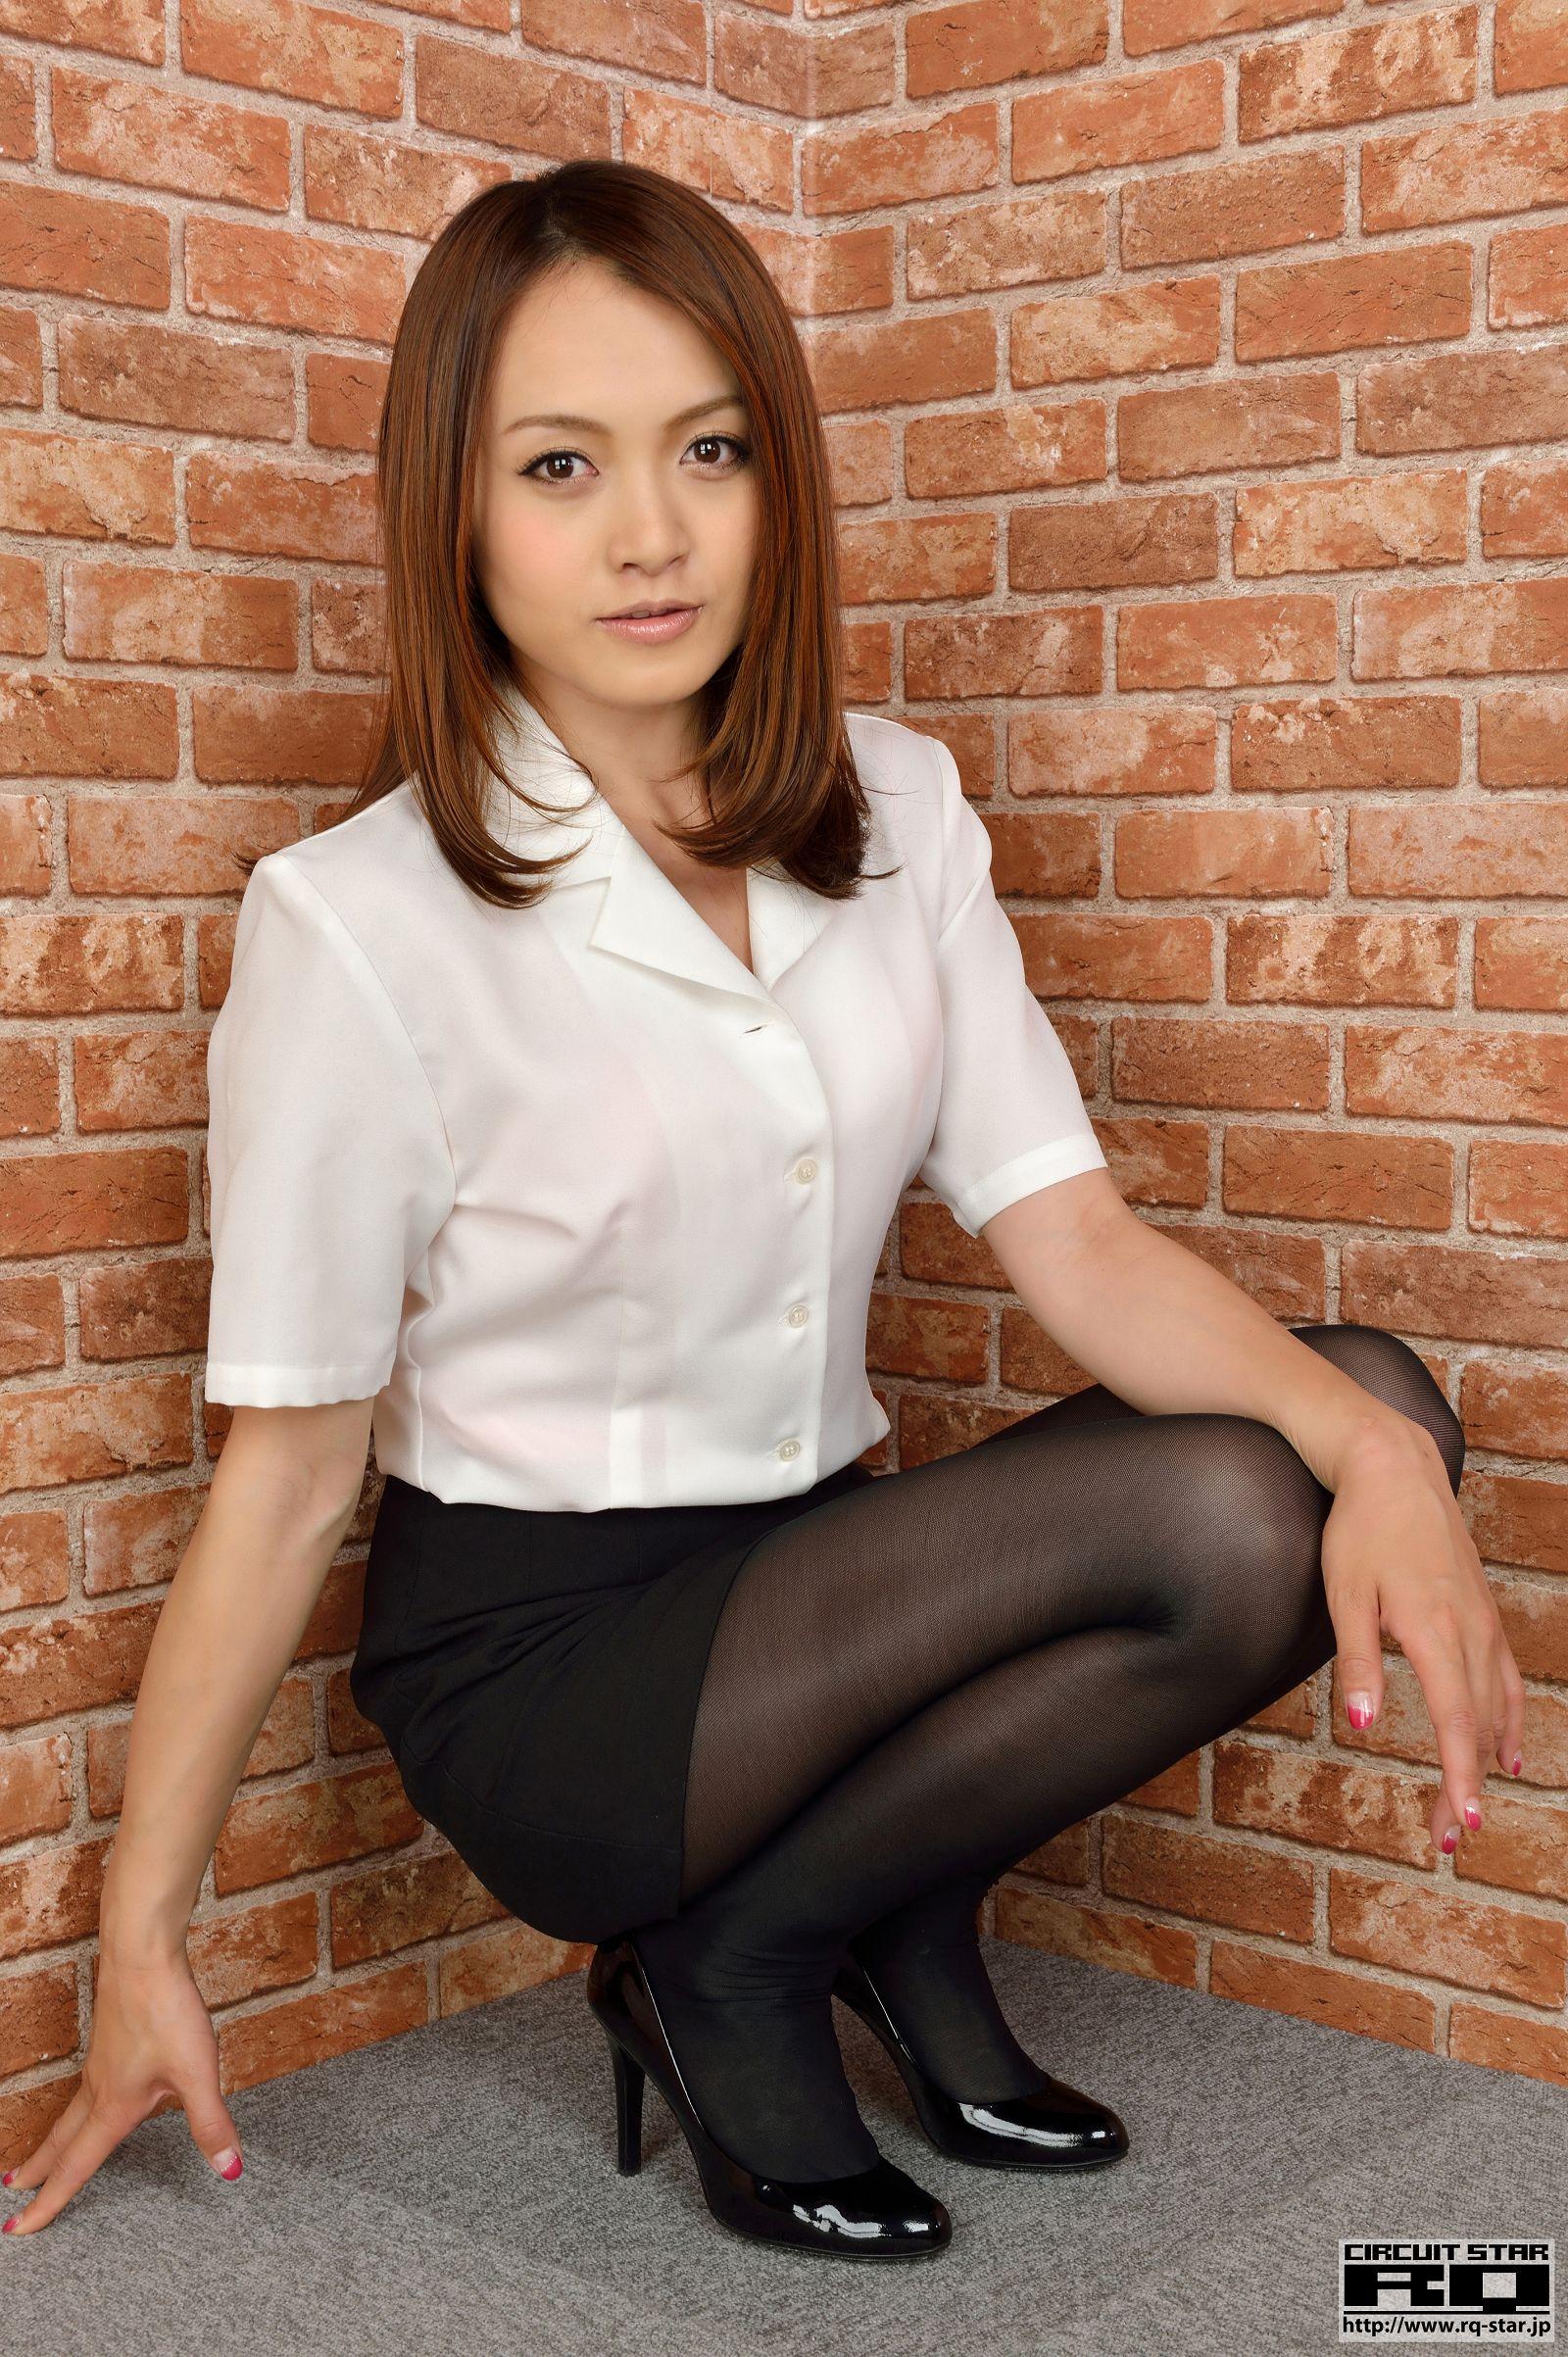 [RQ STAR美女] NO.01019 Rina Itoh いとうりな Office Lady[125P] RQ STAR 第3张